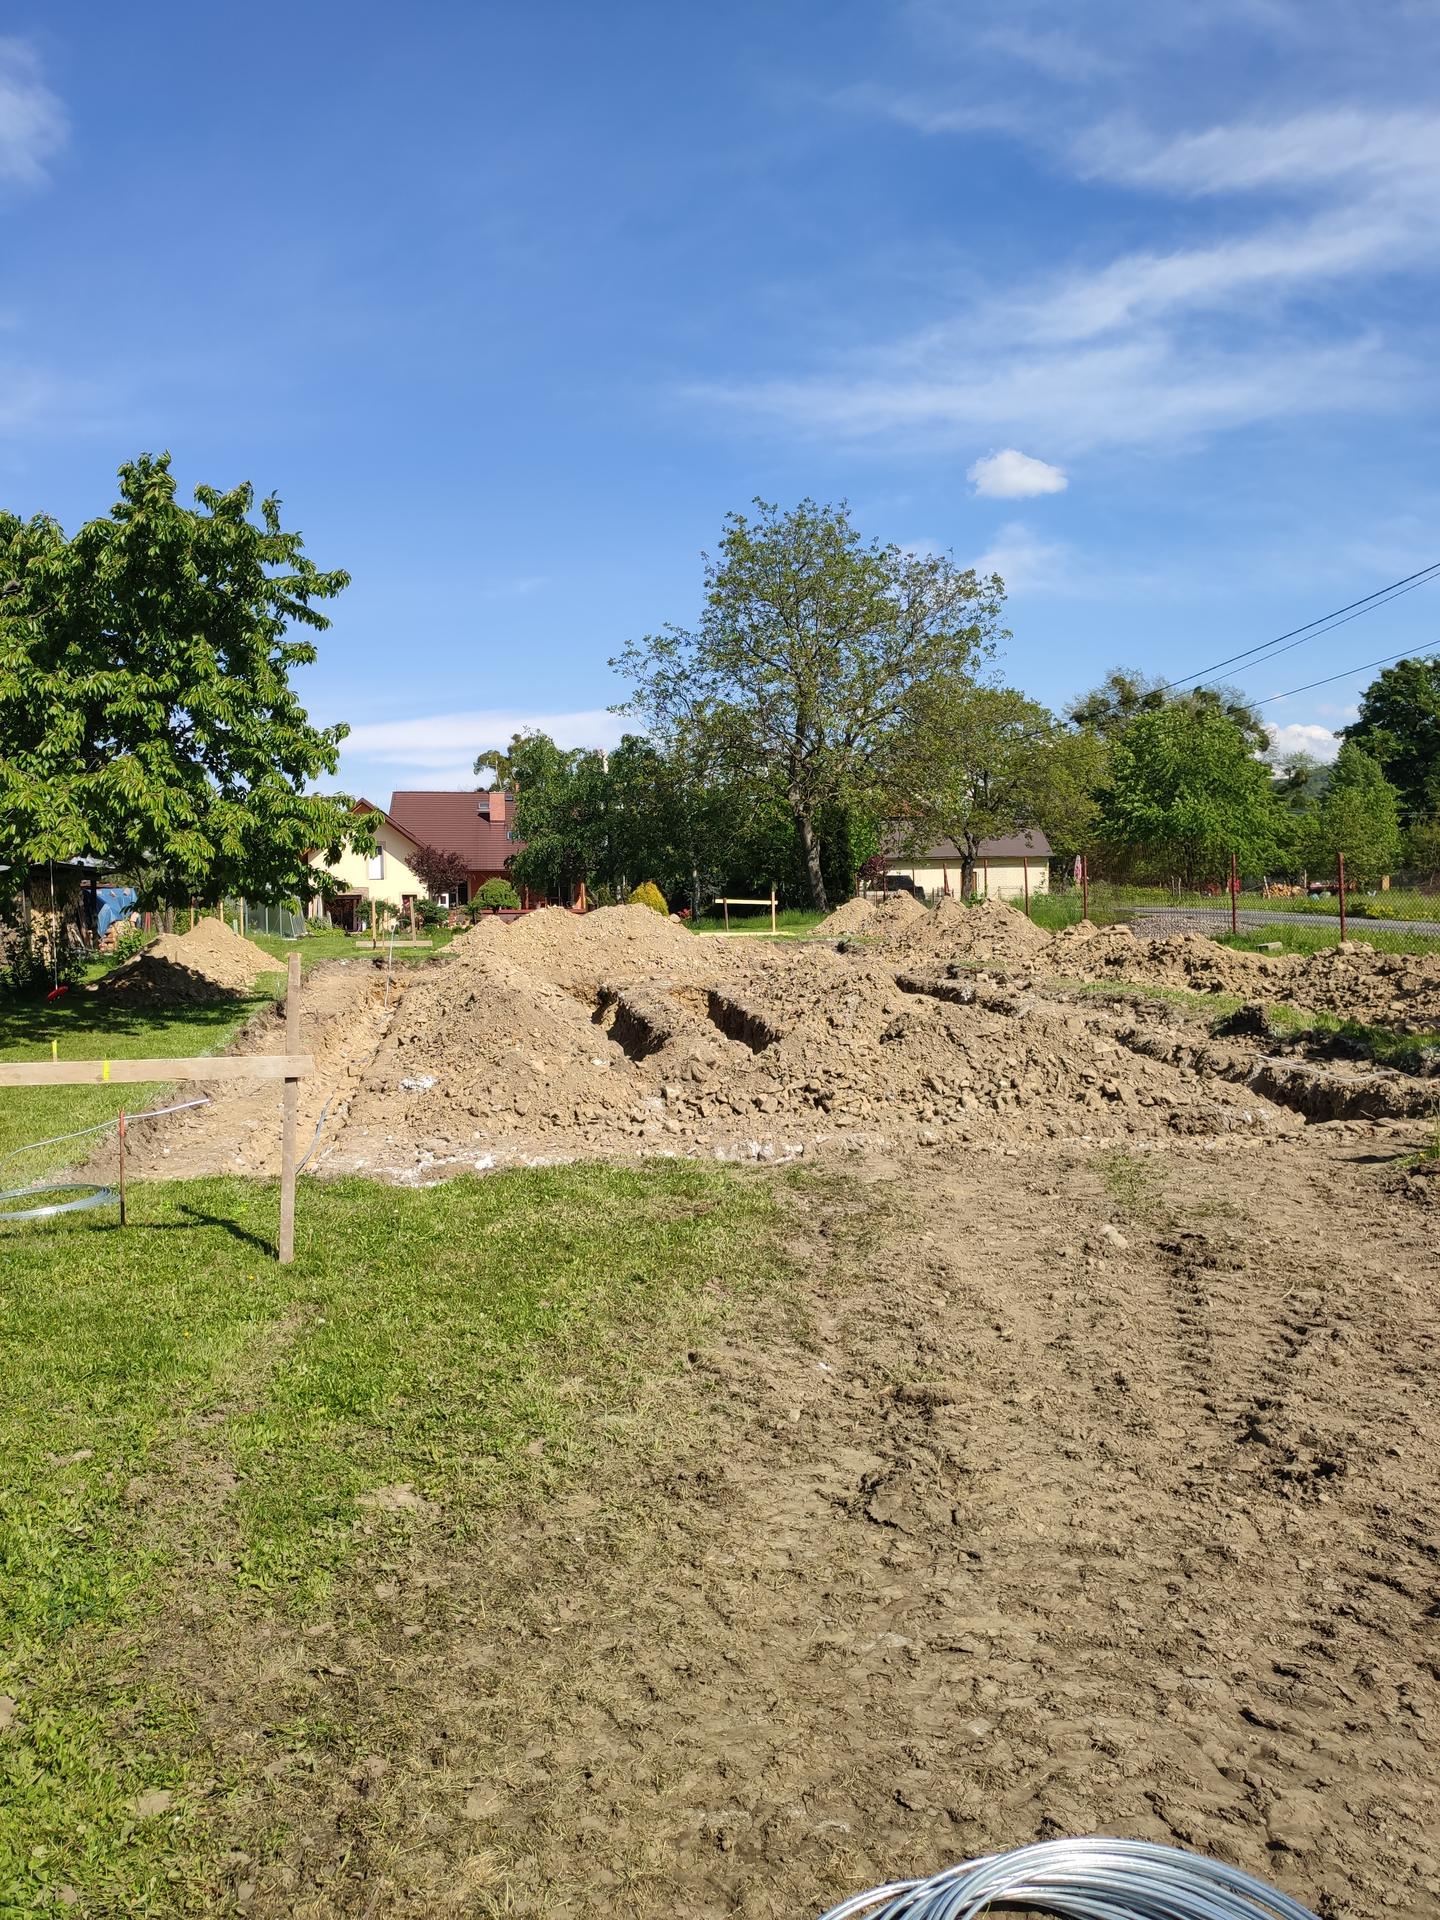 Začínáme si stavět náš dům 2020 - Obrázek č. 19